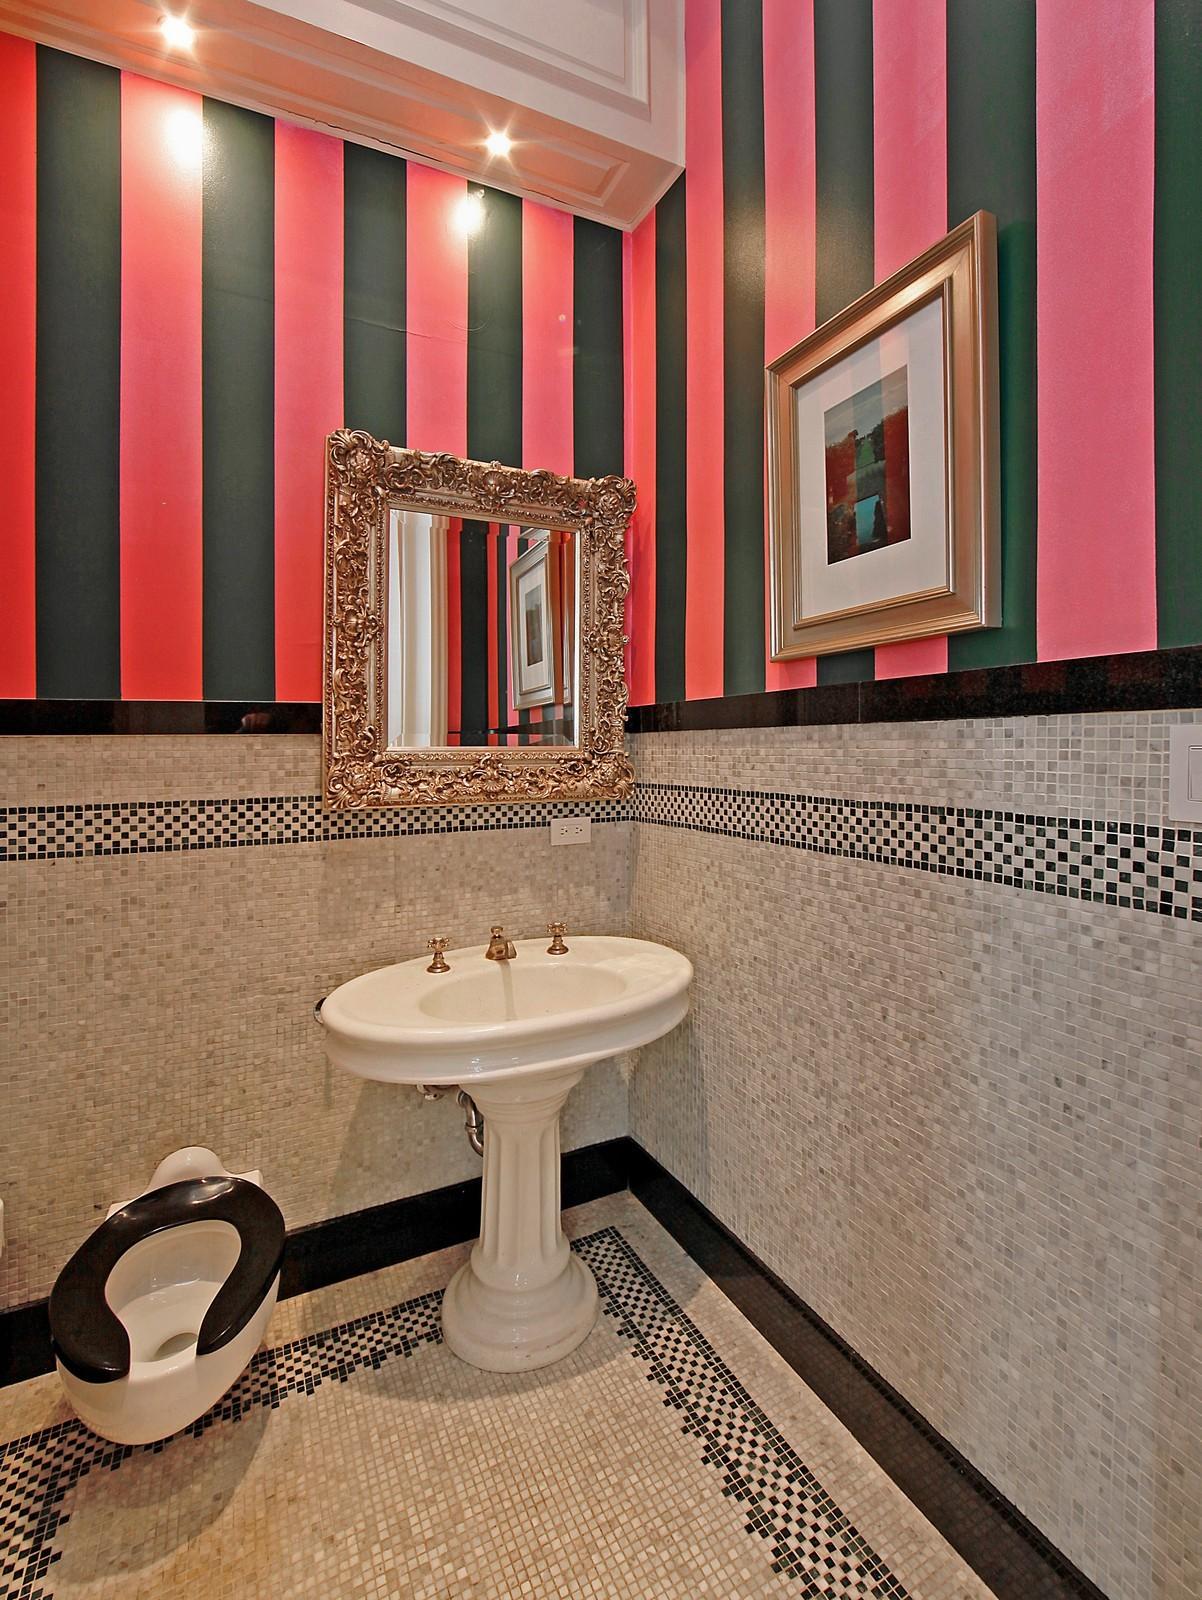 Real Estate Photography - 1424 W Ohio St, Chicago, IL, 60622 - Half Bath